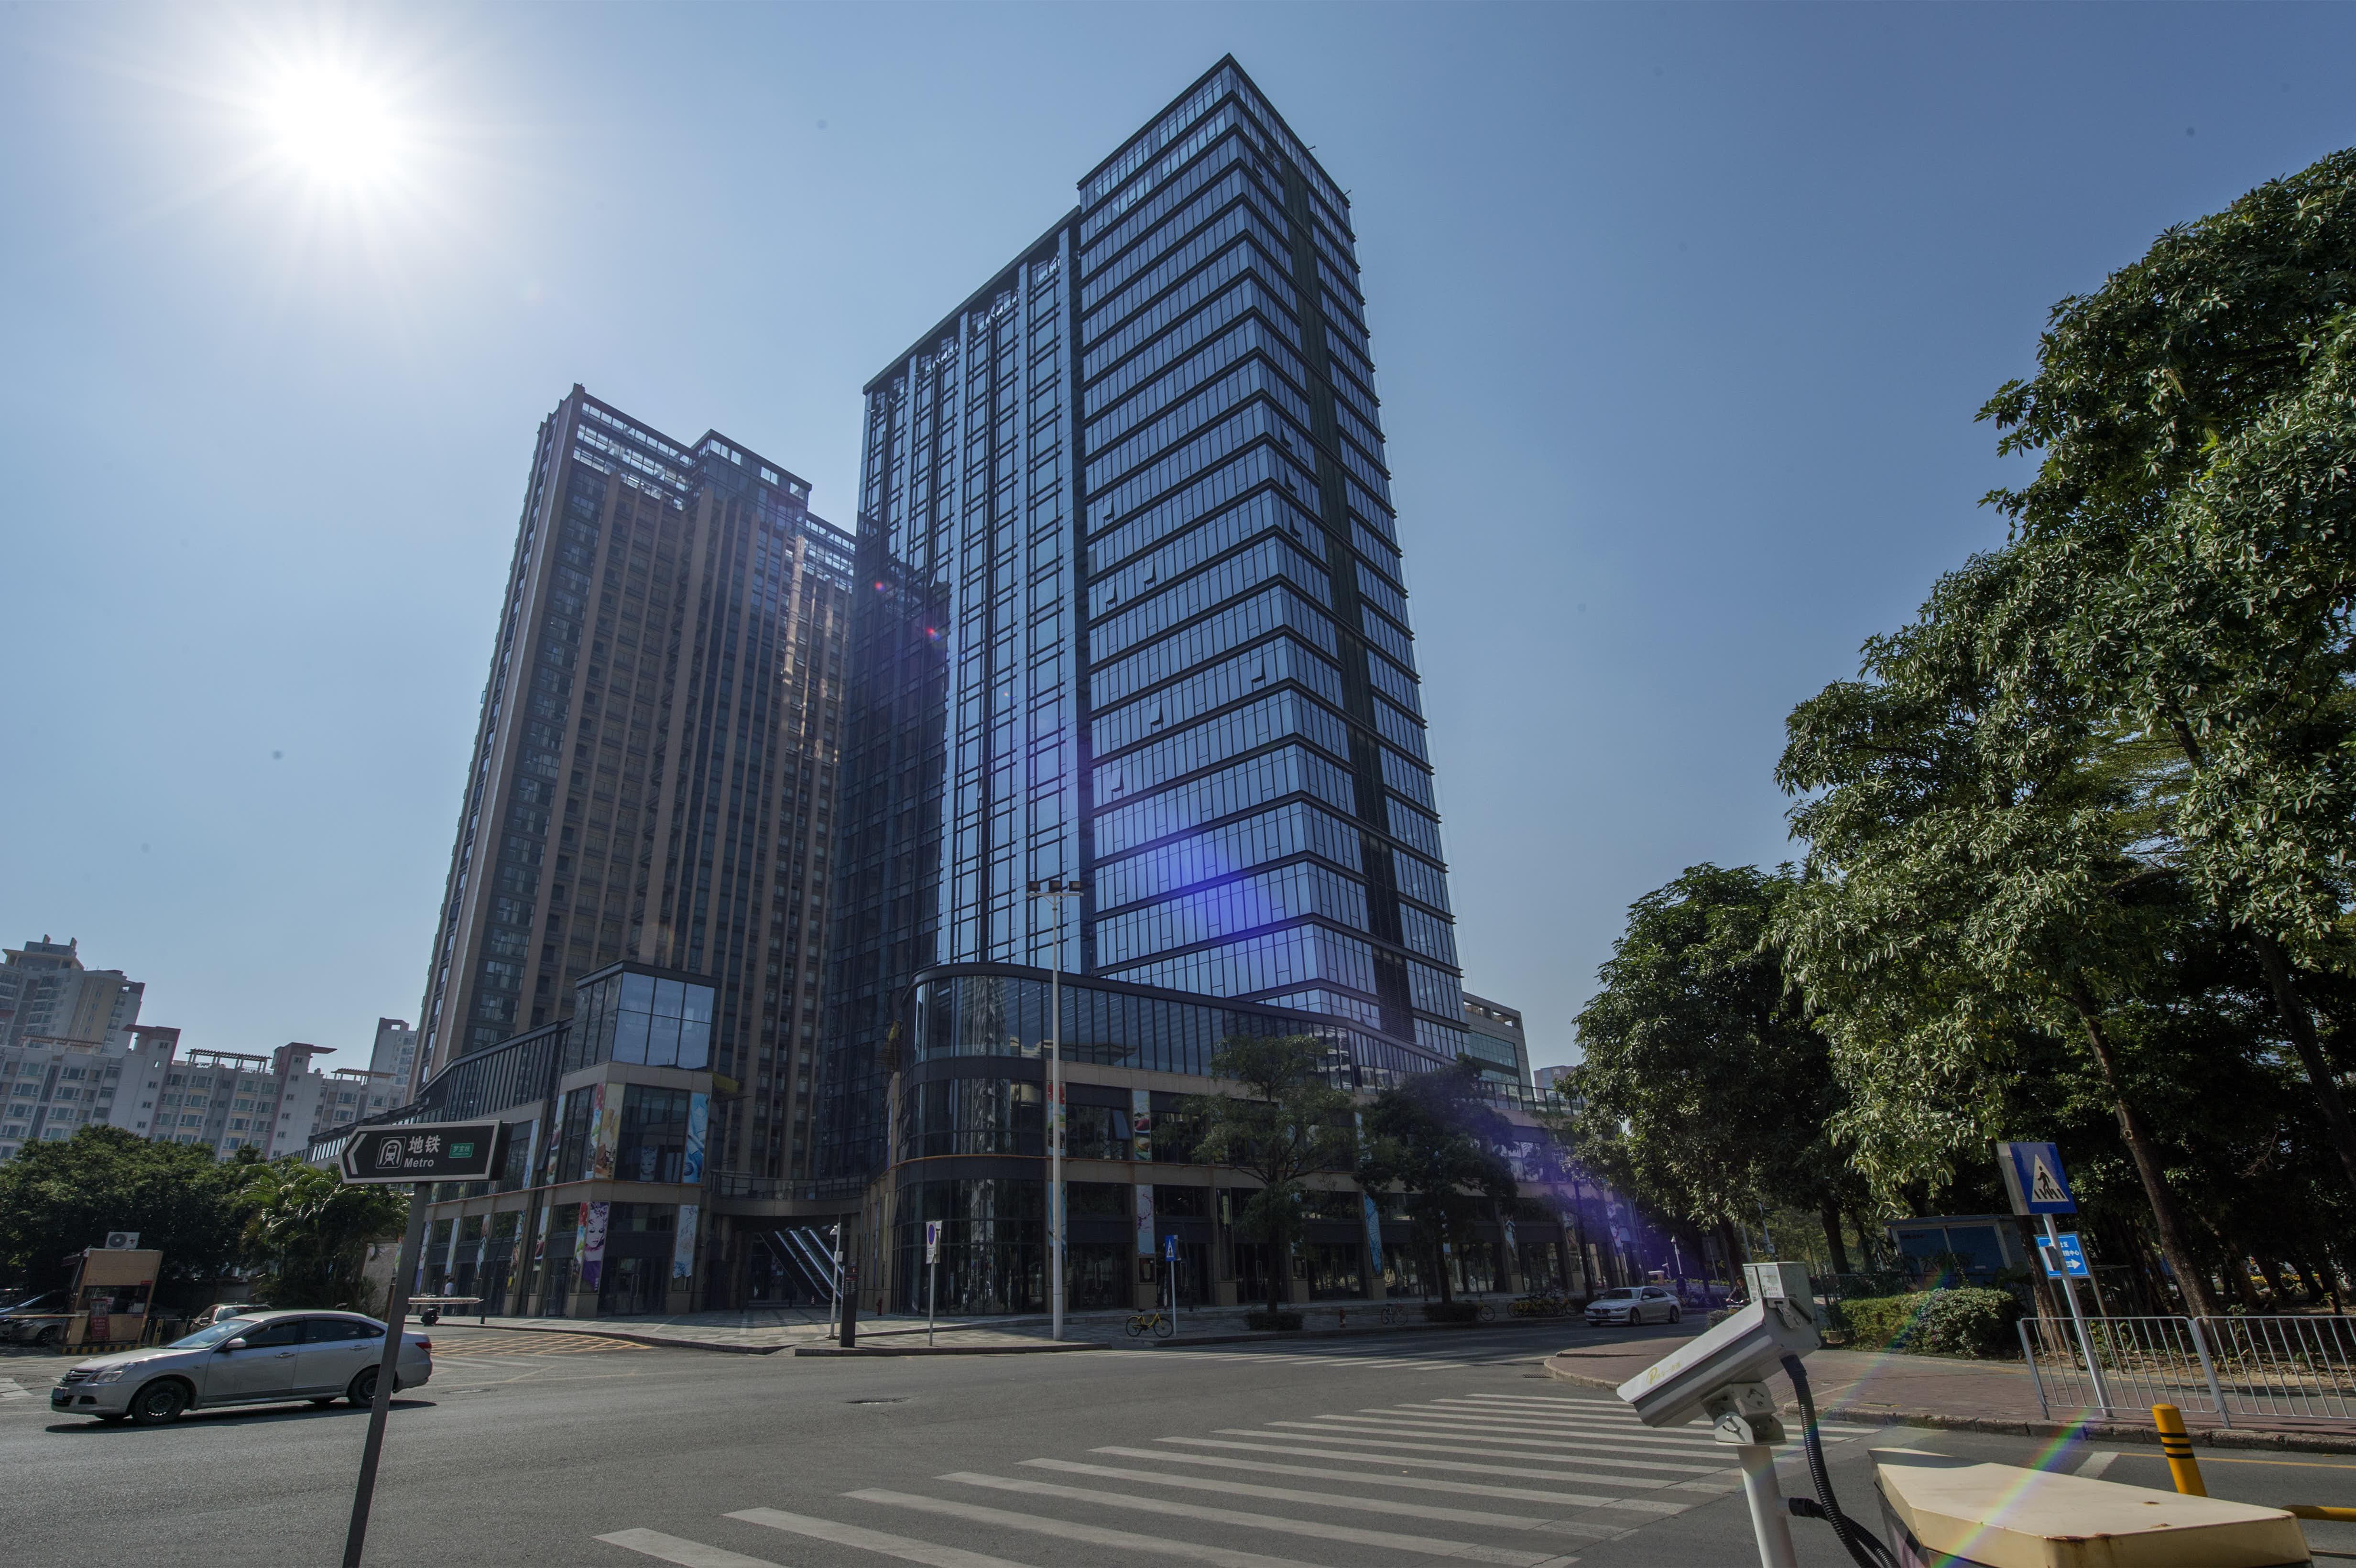 深港行政公寓(前海凯御店)图片